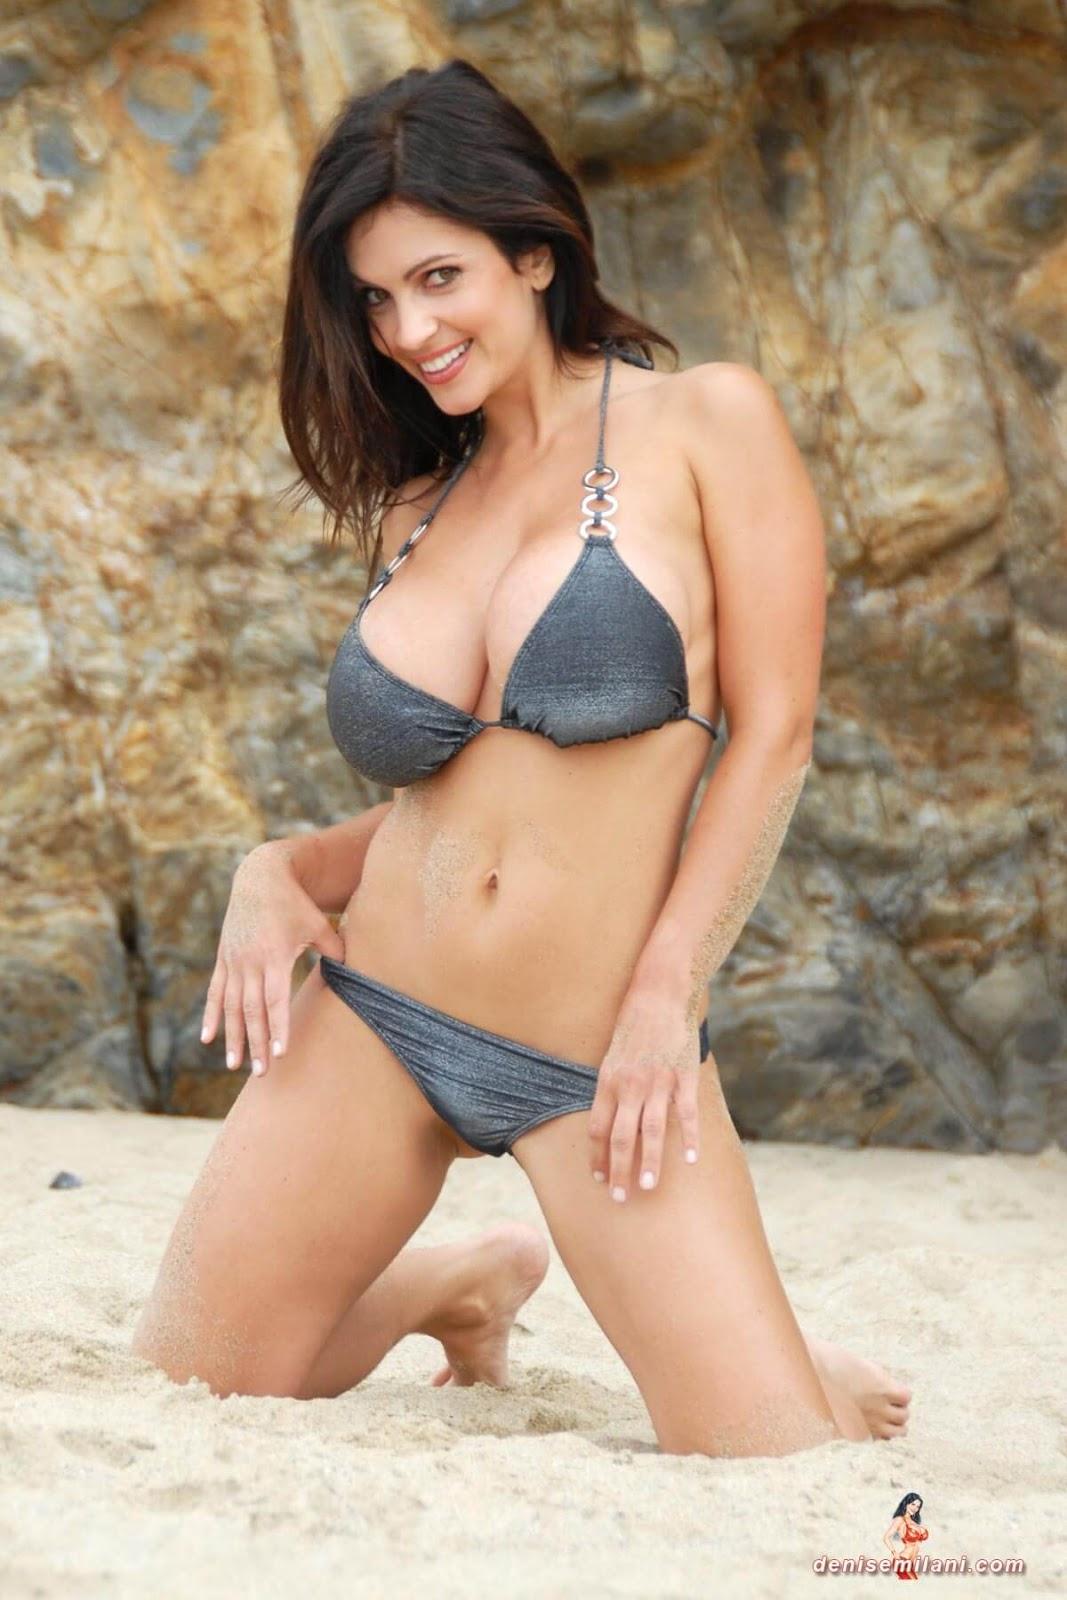 Sexy Boobs In Beach